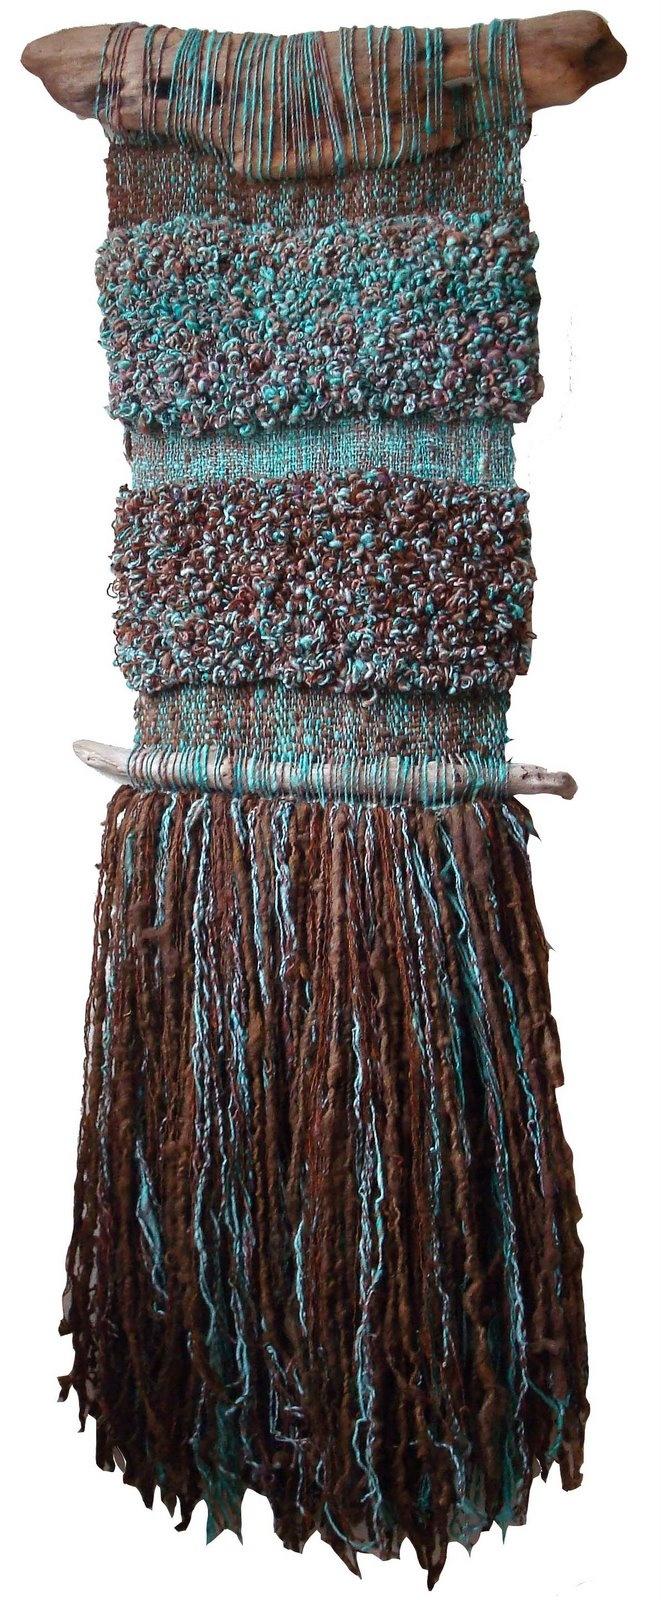 Marianne WerkmeisterClothing Textiles, Textiles Cestería, Fiber Etc, Textiles Art, Macramee Weaving, Art Fib, Inspired Textiles, Marianne Werkmeister